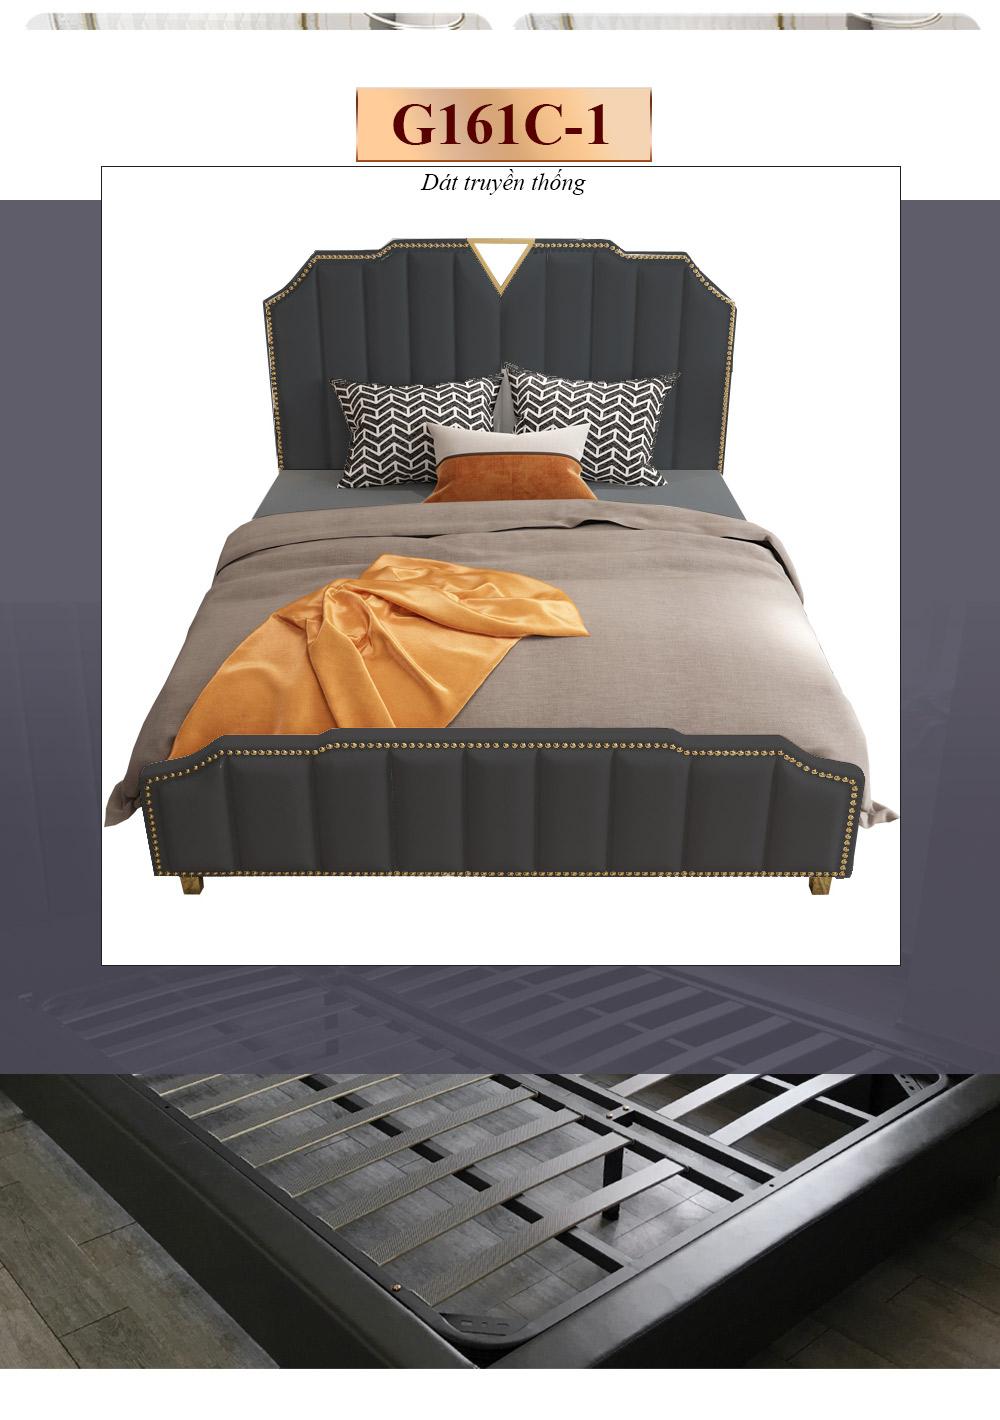 Bộ giường ngủ gỗ tự nhiên bọc da phối kim loại tinh tế phong cách sang trọng G161